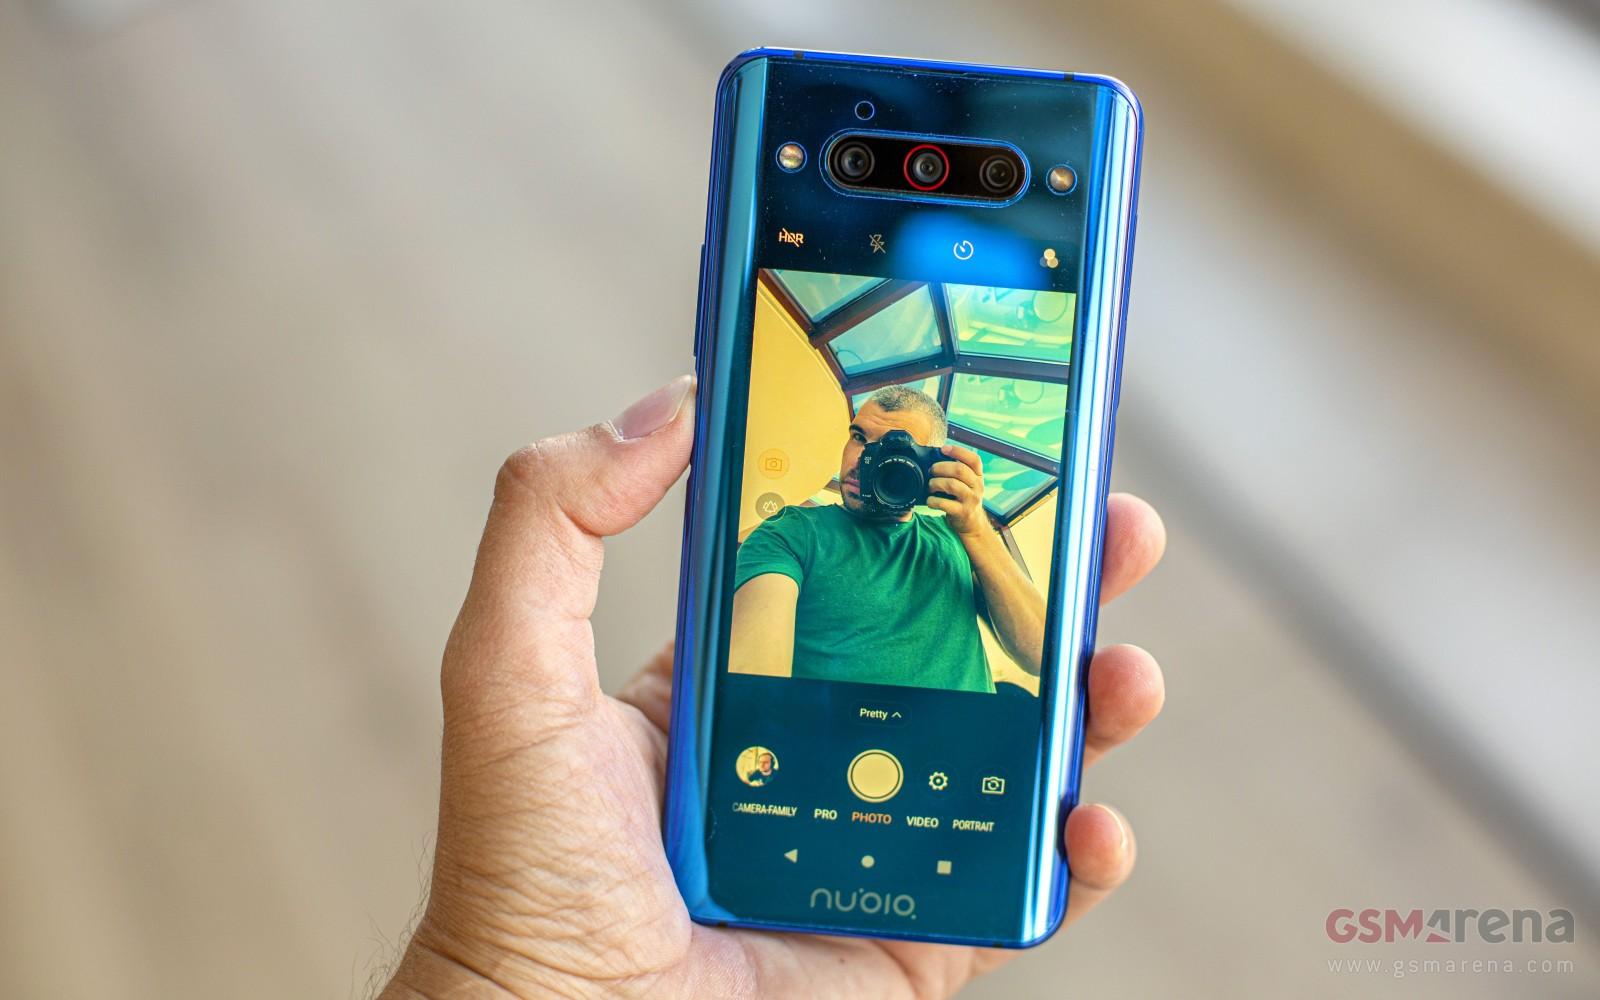 تصویر گوشی nubia Z30 دوربین جلو زیر نمایشگر را نشان میدهد